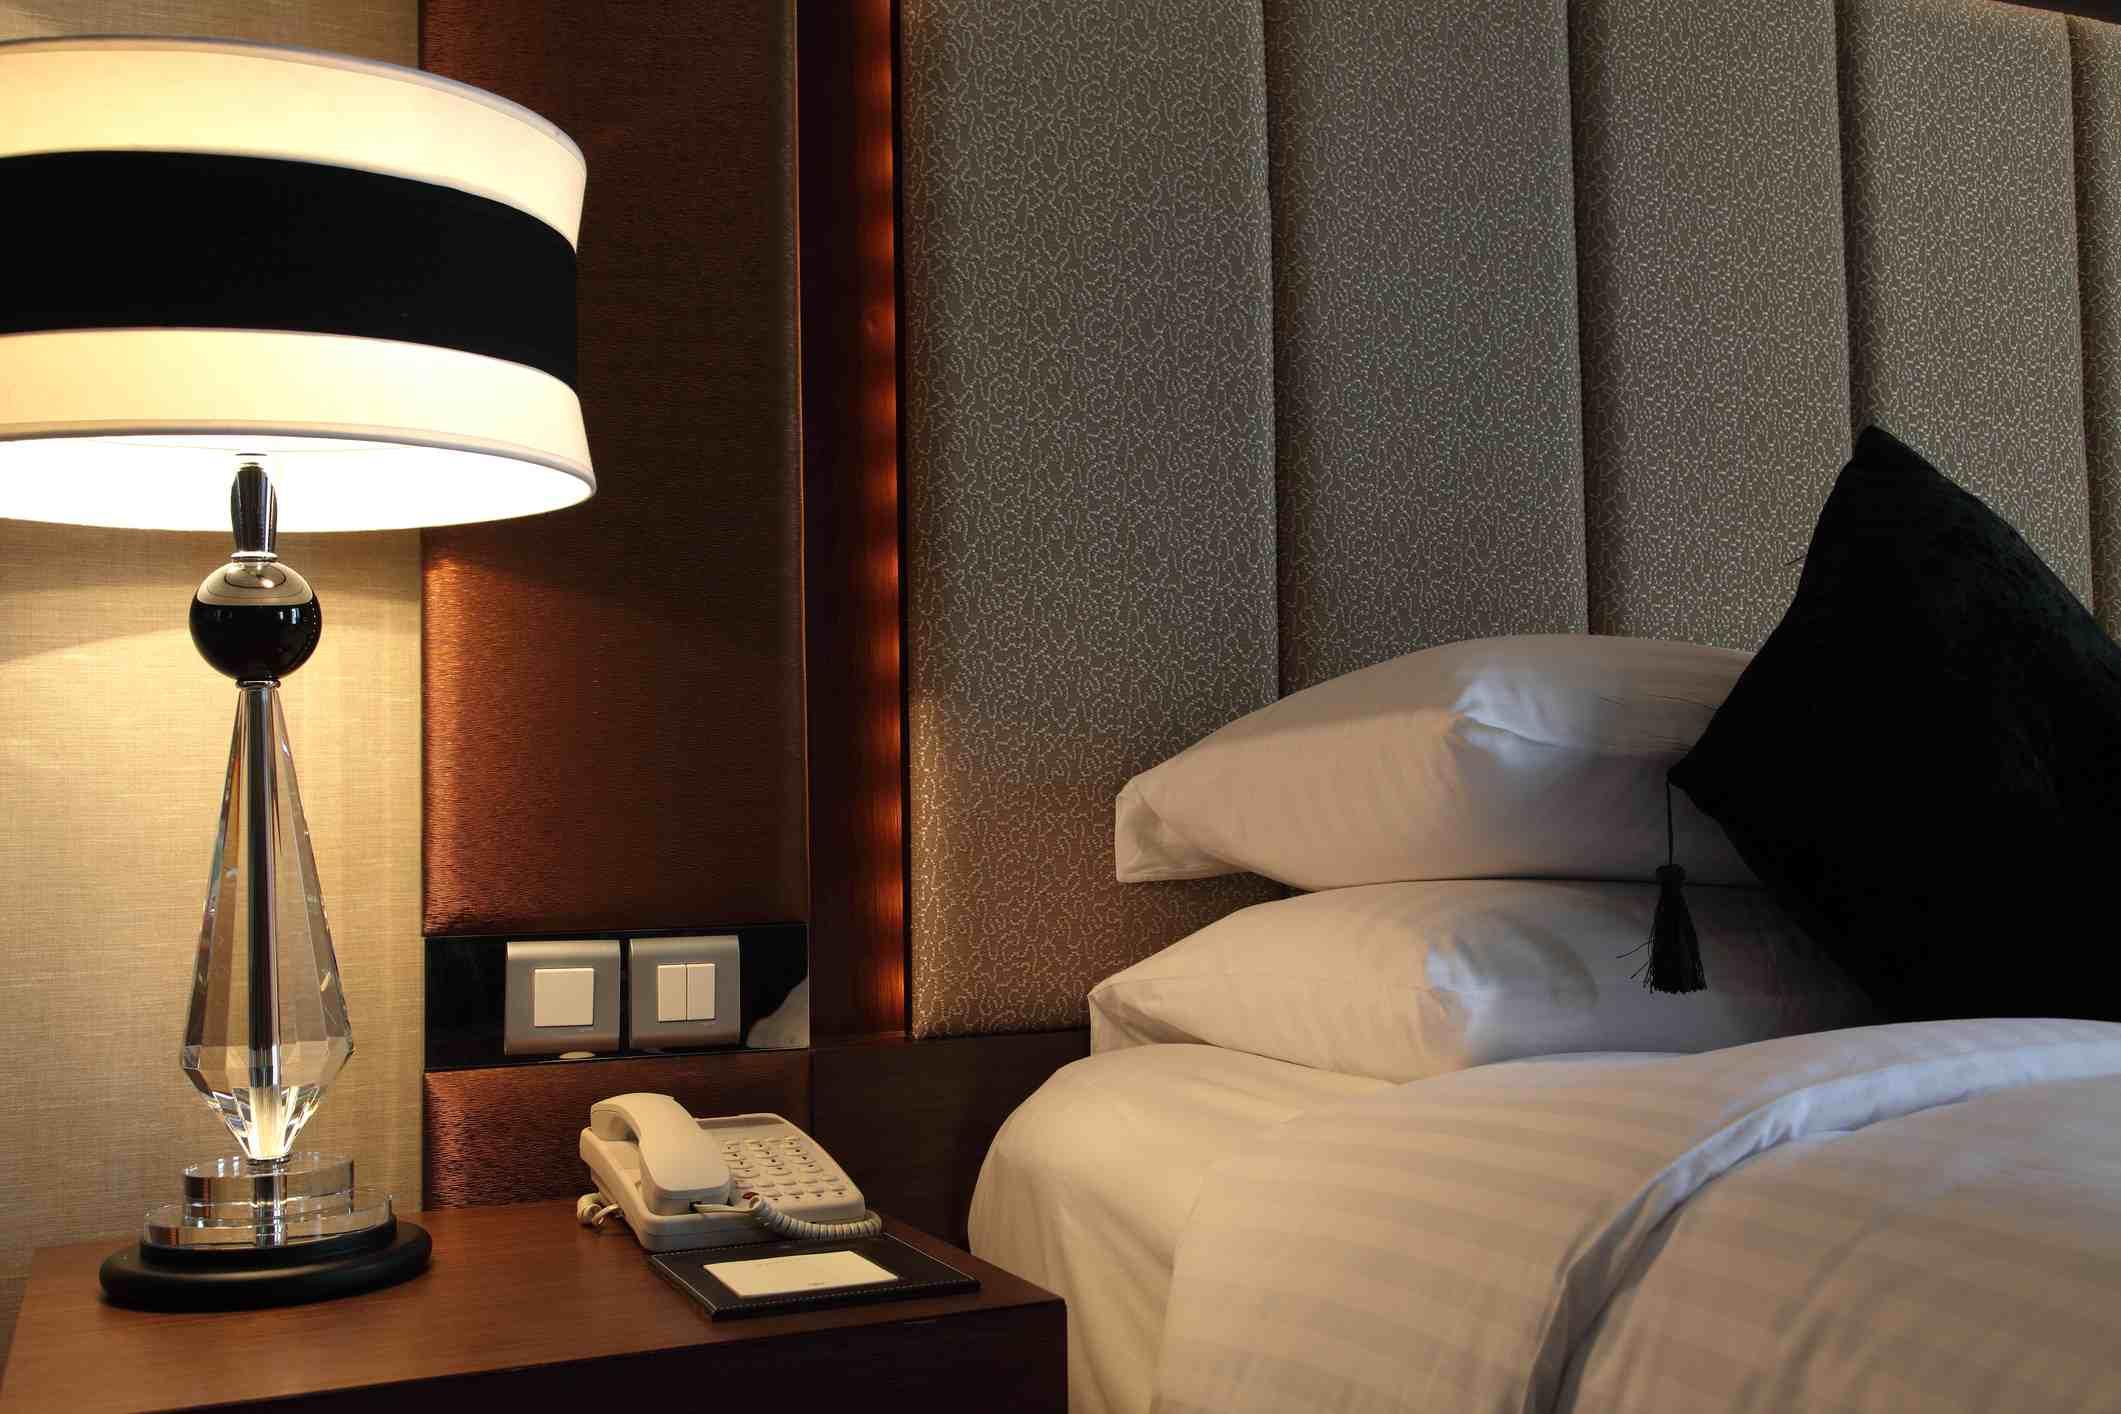 Bedroom setting at Hotel Sofitel Macau.